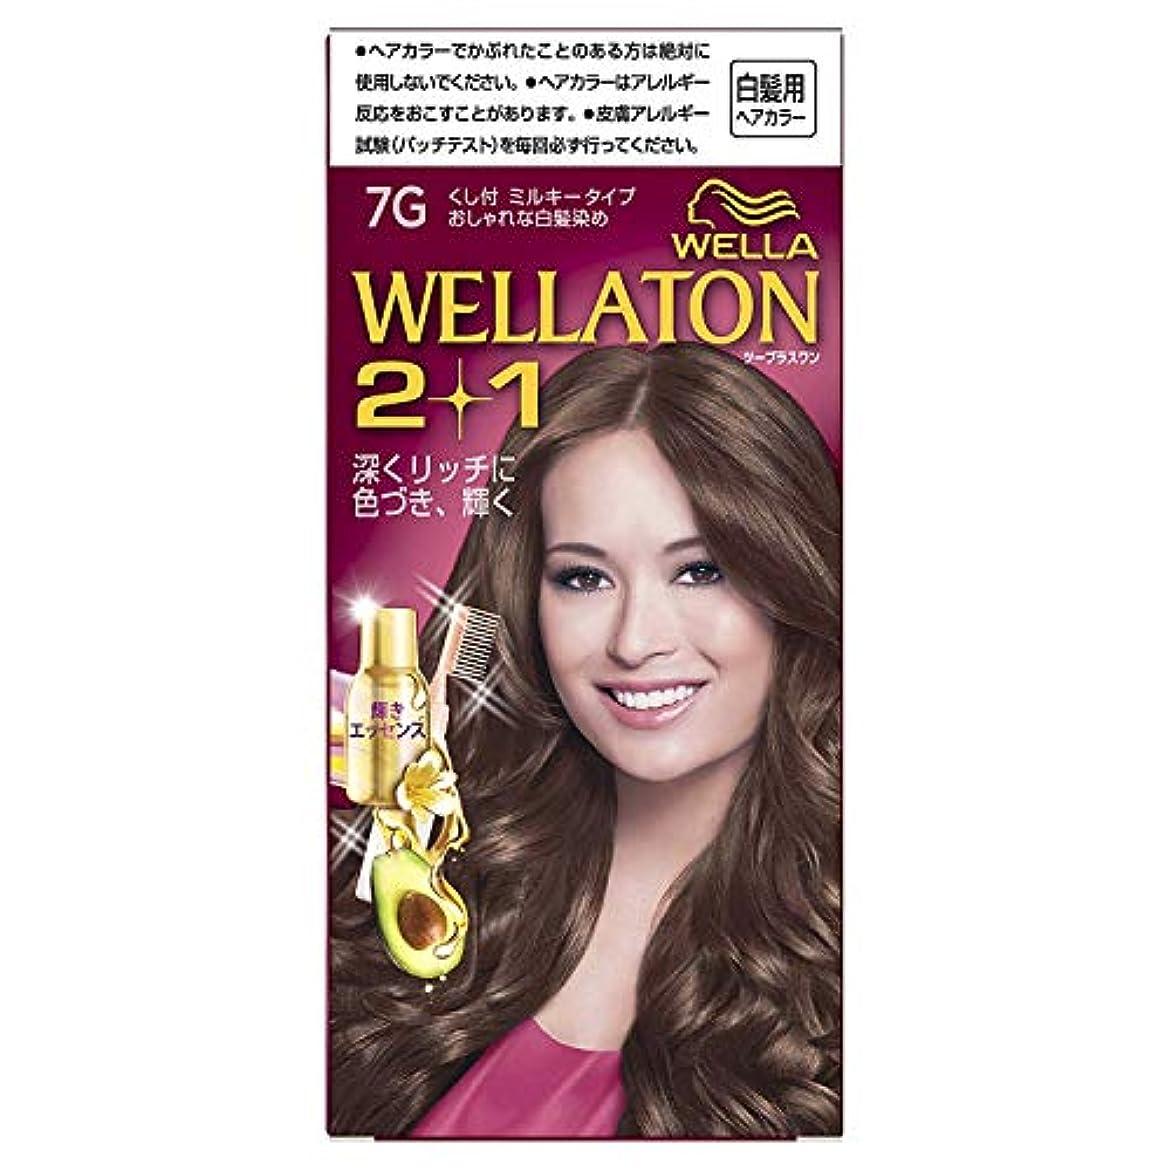 押すよく話される適切なウエラトーン2+1 白髪染め くし付ミルキータイプ 7G [医薬部外品] ×6個